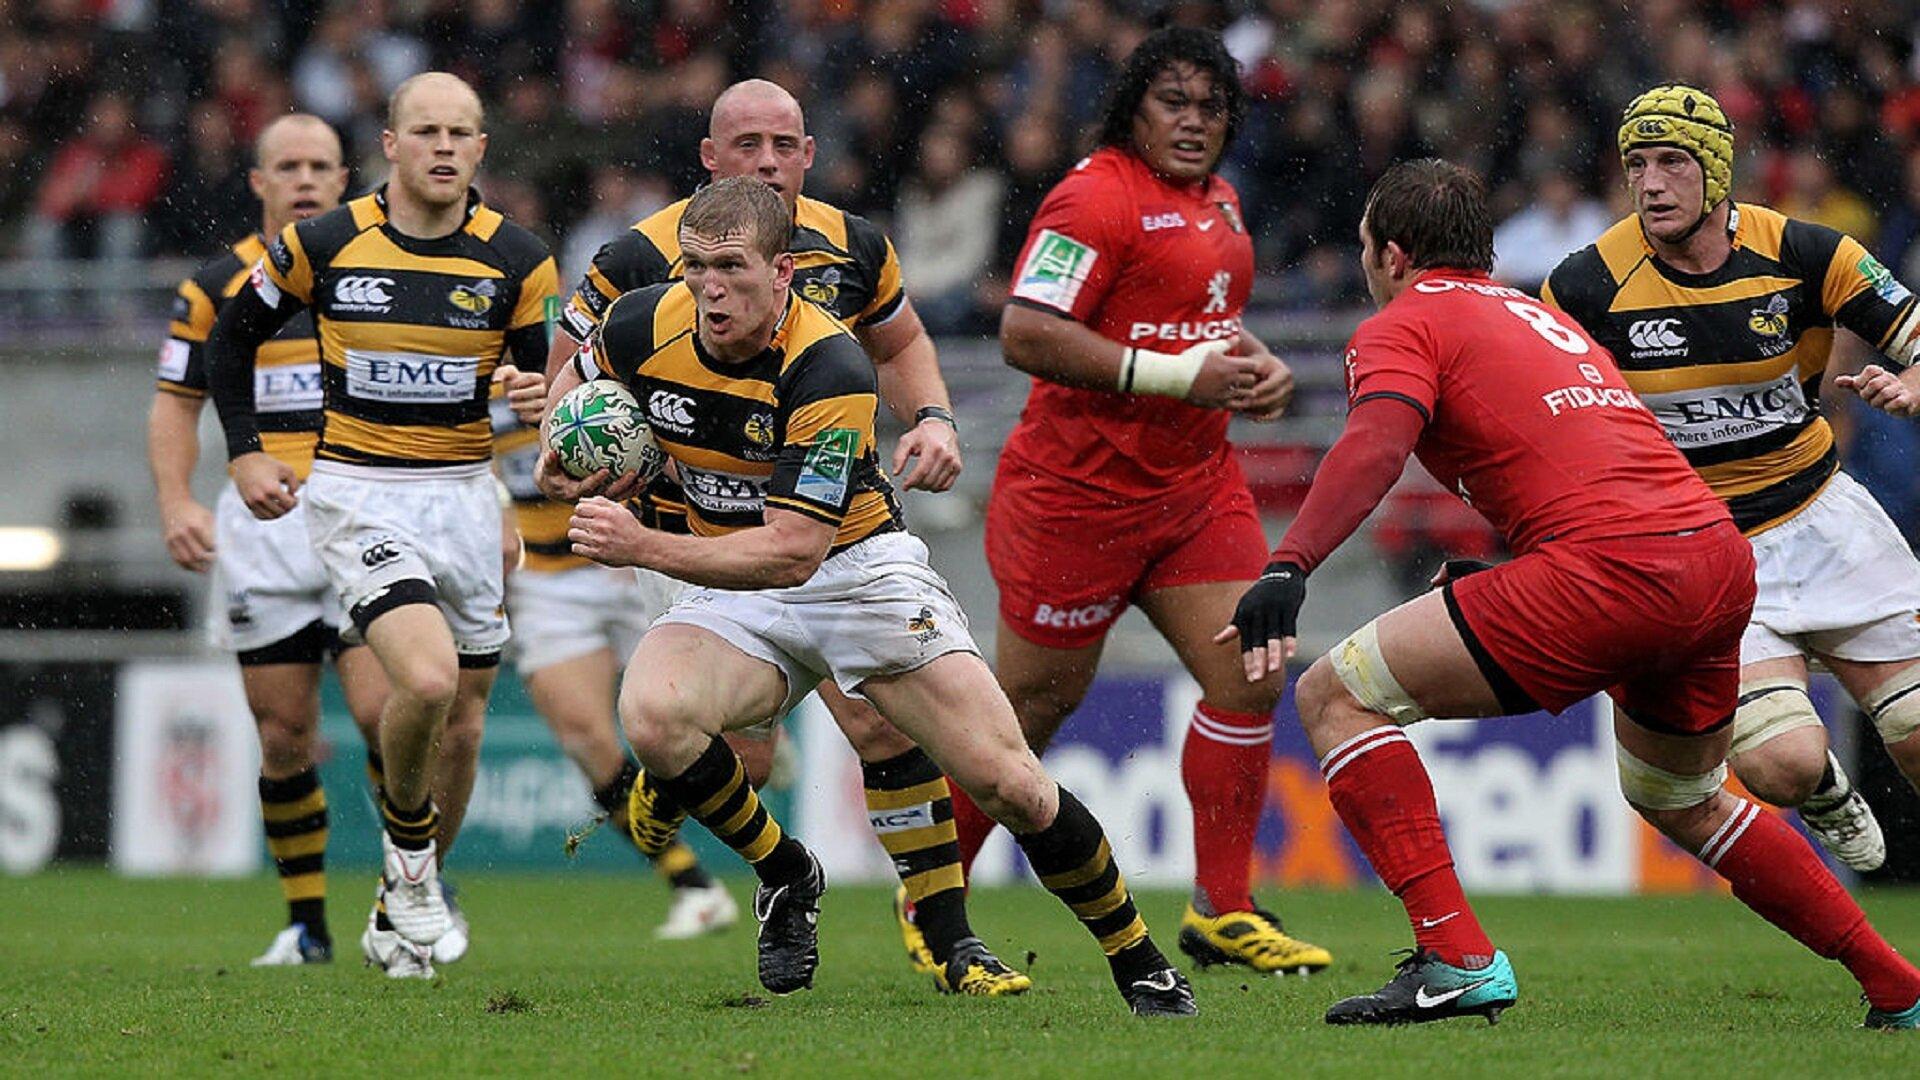 Premiership rugby 2010